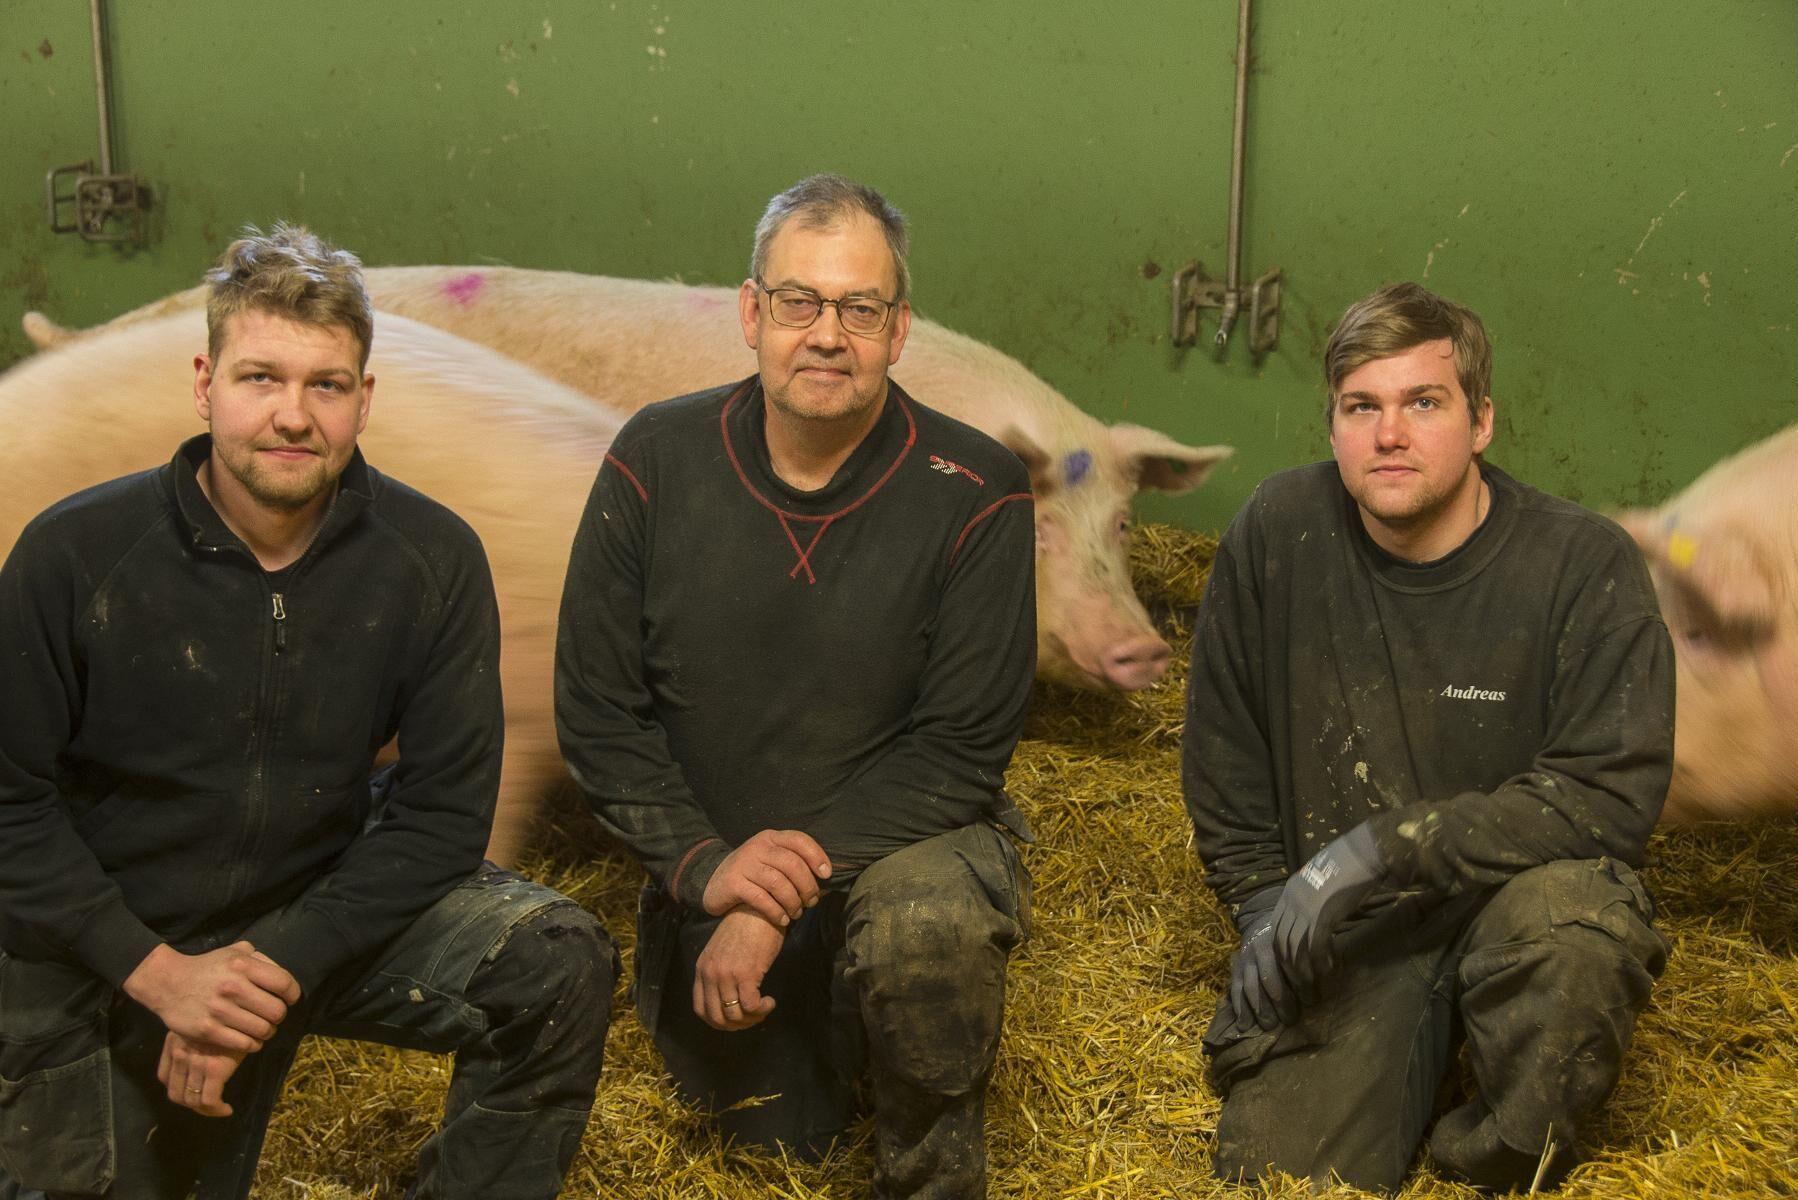 Andreas Persson (till vänster), pappa Anders Persson (mitten) och Johan Persson (till höger) driver Linfläcks gård tillsammans.